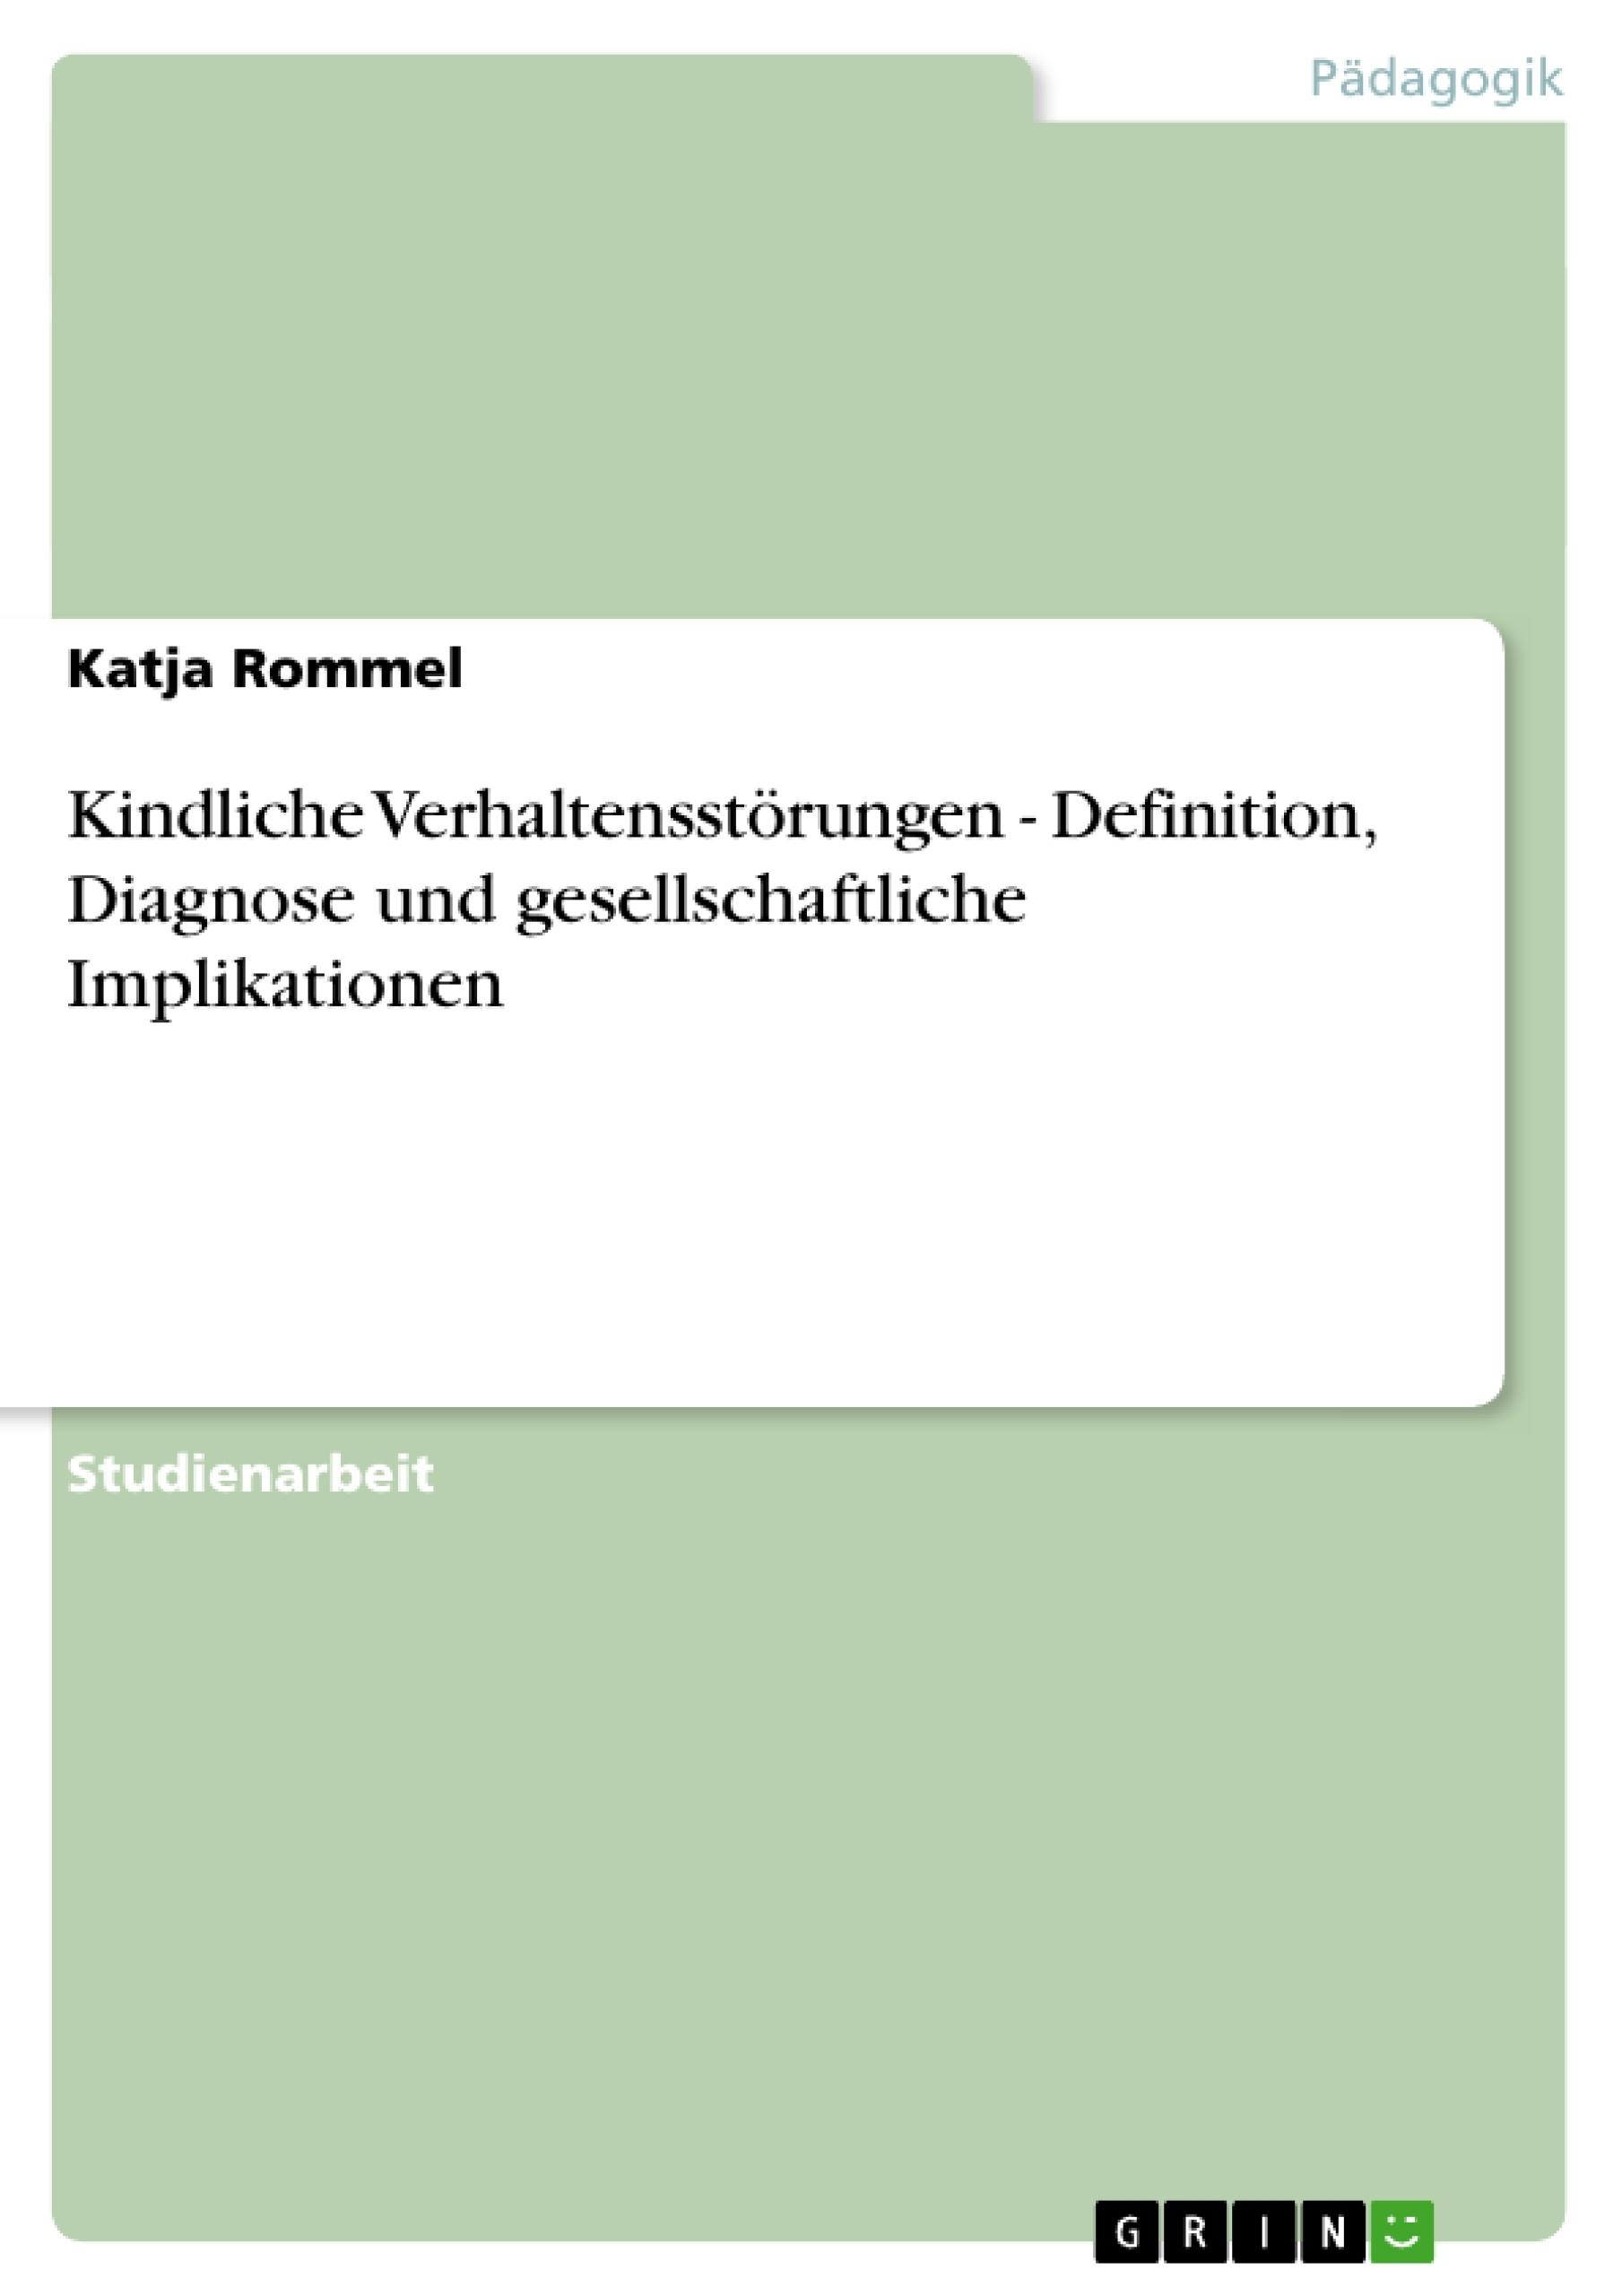 Titel: Kindliche Verhaltensstörungen - Definition, Diagnose und gesellschaftliche Implikationen